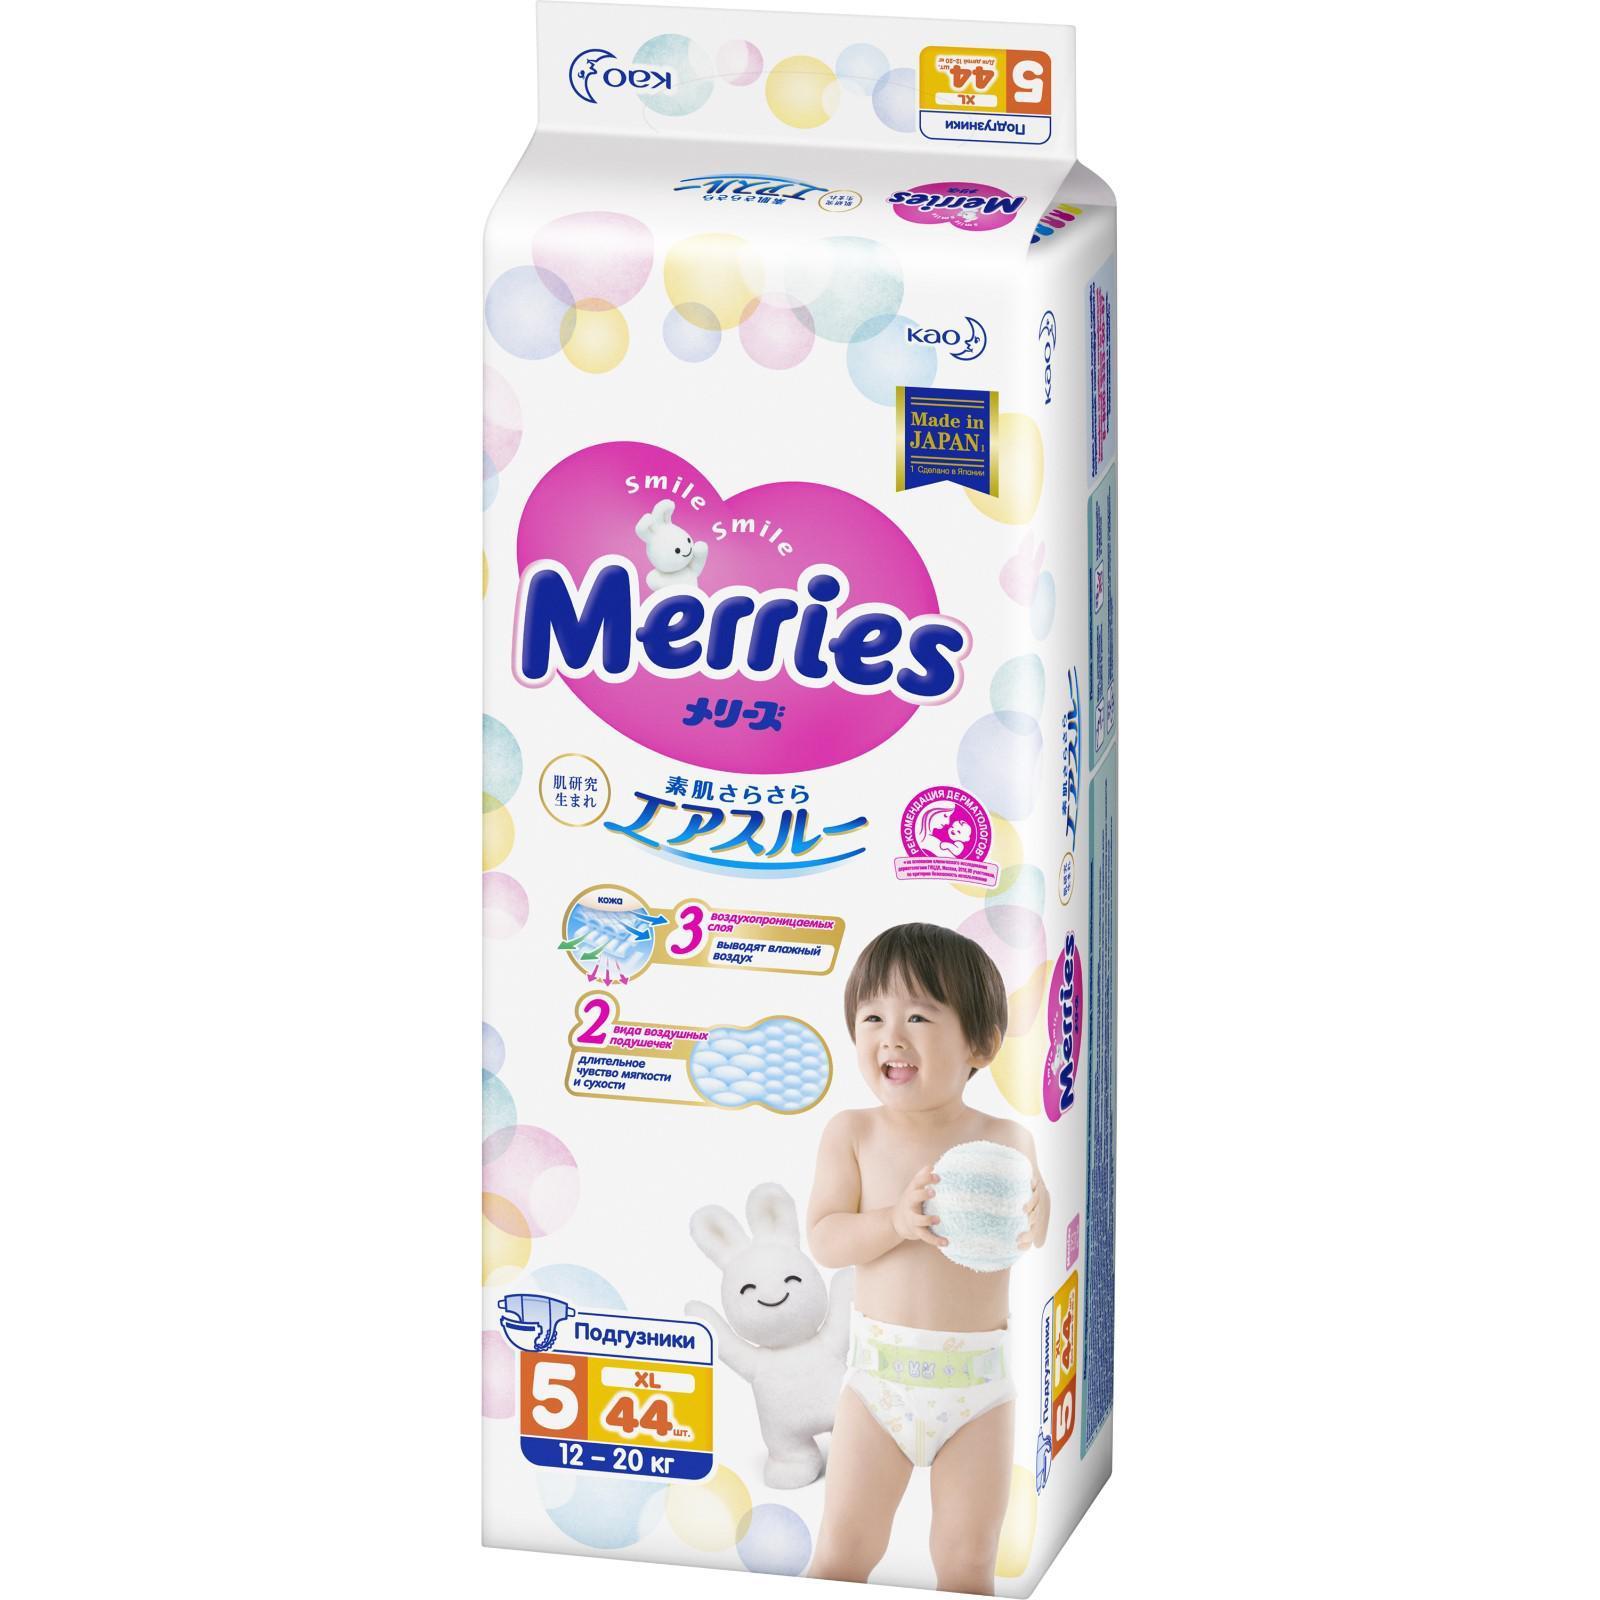 Подгузники Merries XL 12-20 кг, в упаковке 44 шт (940624) - Купить ... db3d0542601